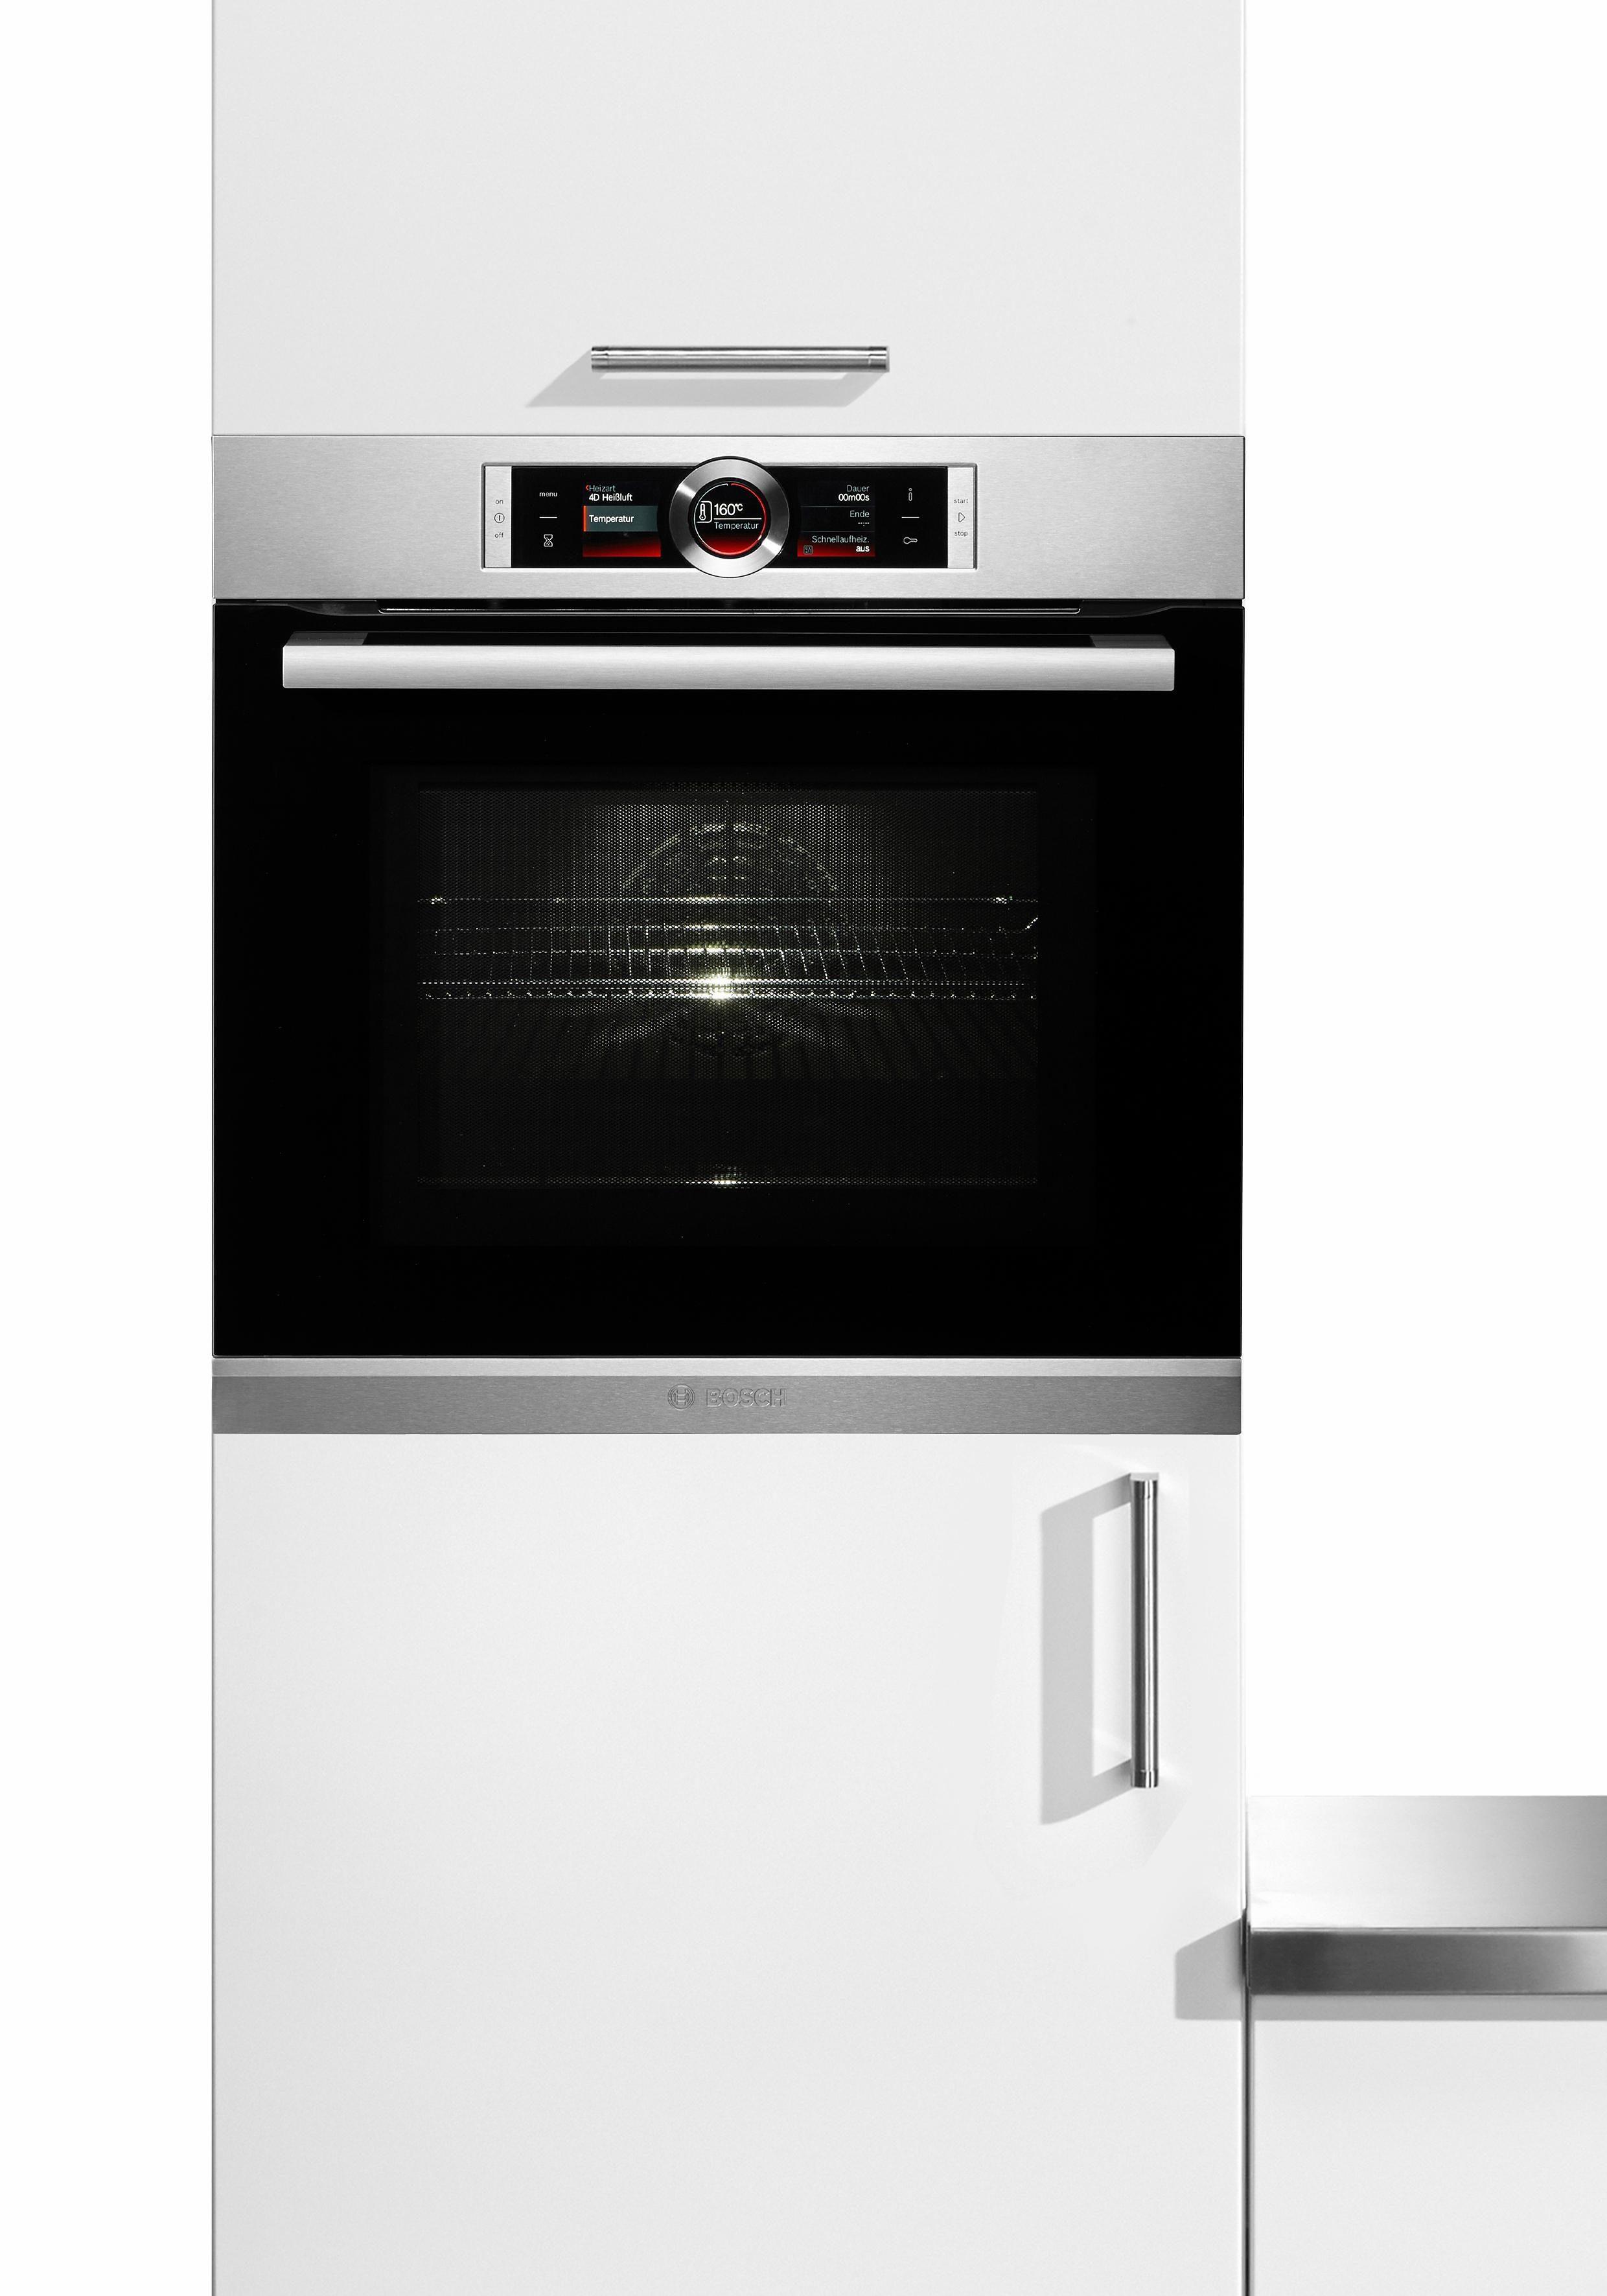 Bosch EinbauBackofen mit Mikrowelle Serie 8 HMG636RS1 online kaufen  OTTO